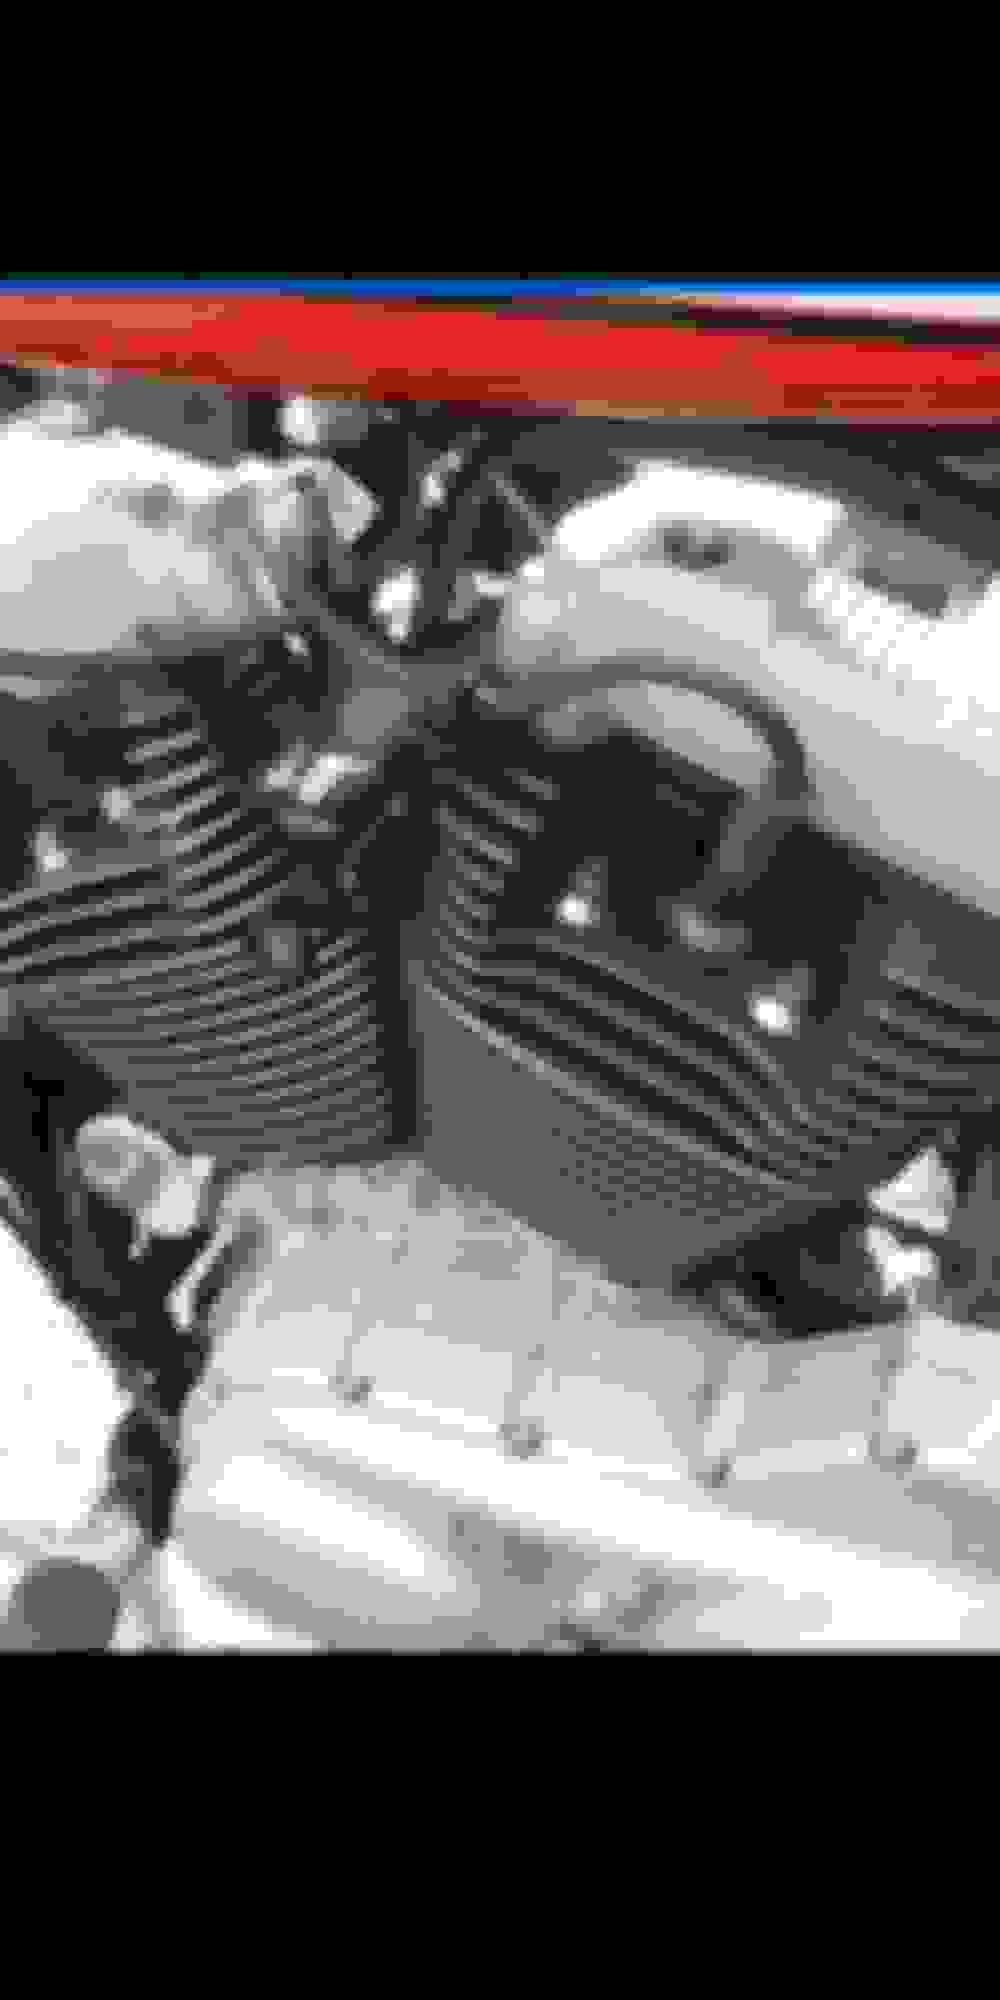 1340 sportster??? - Page 2 - Harley Davidson Forums